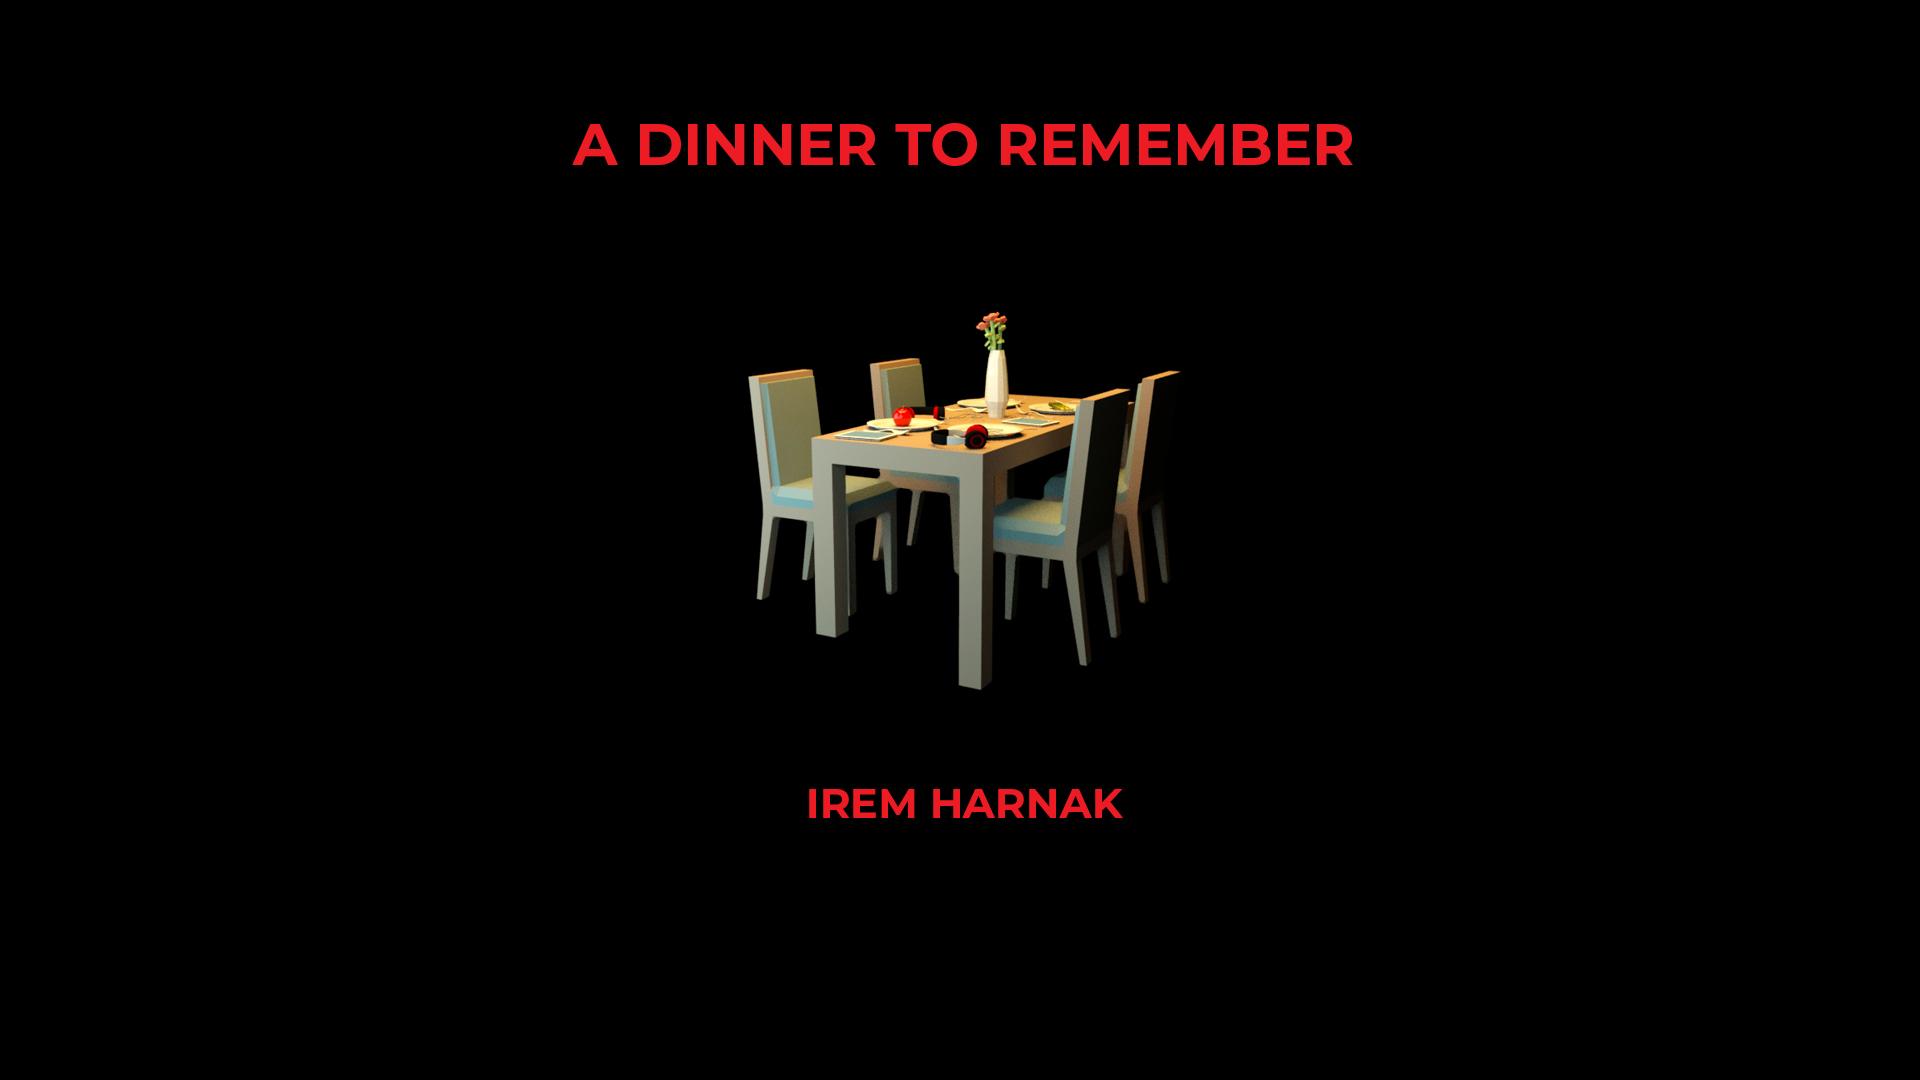 dinner2remember-cover.jpg